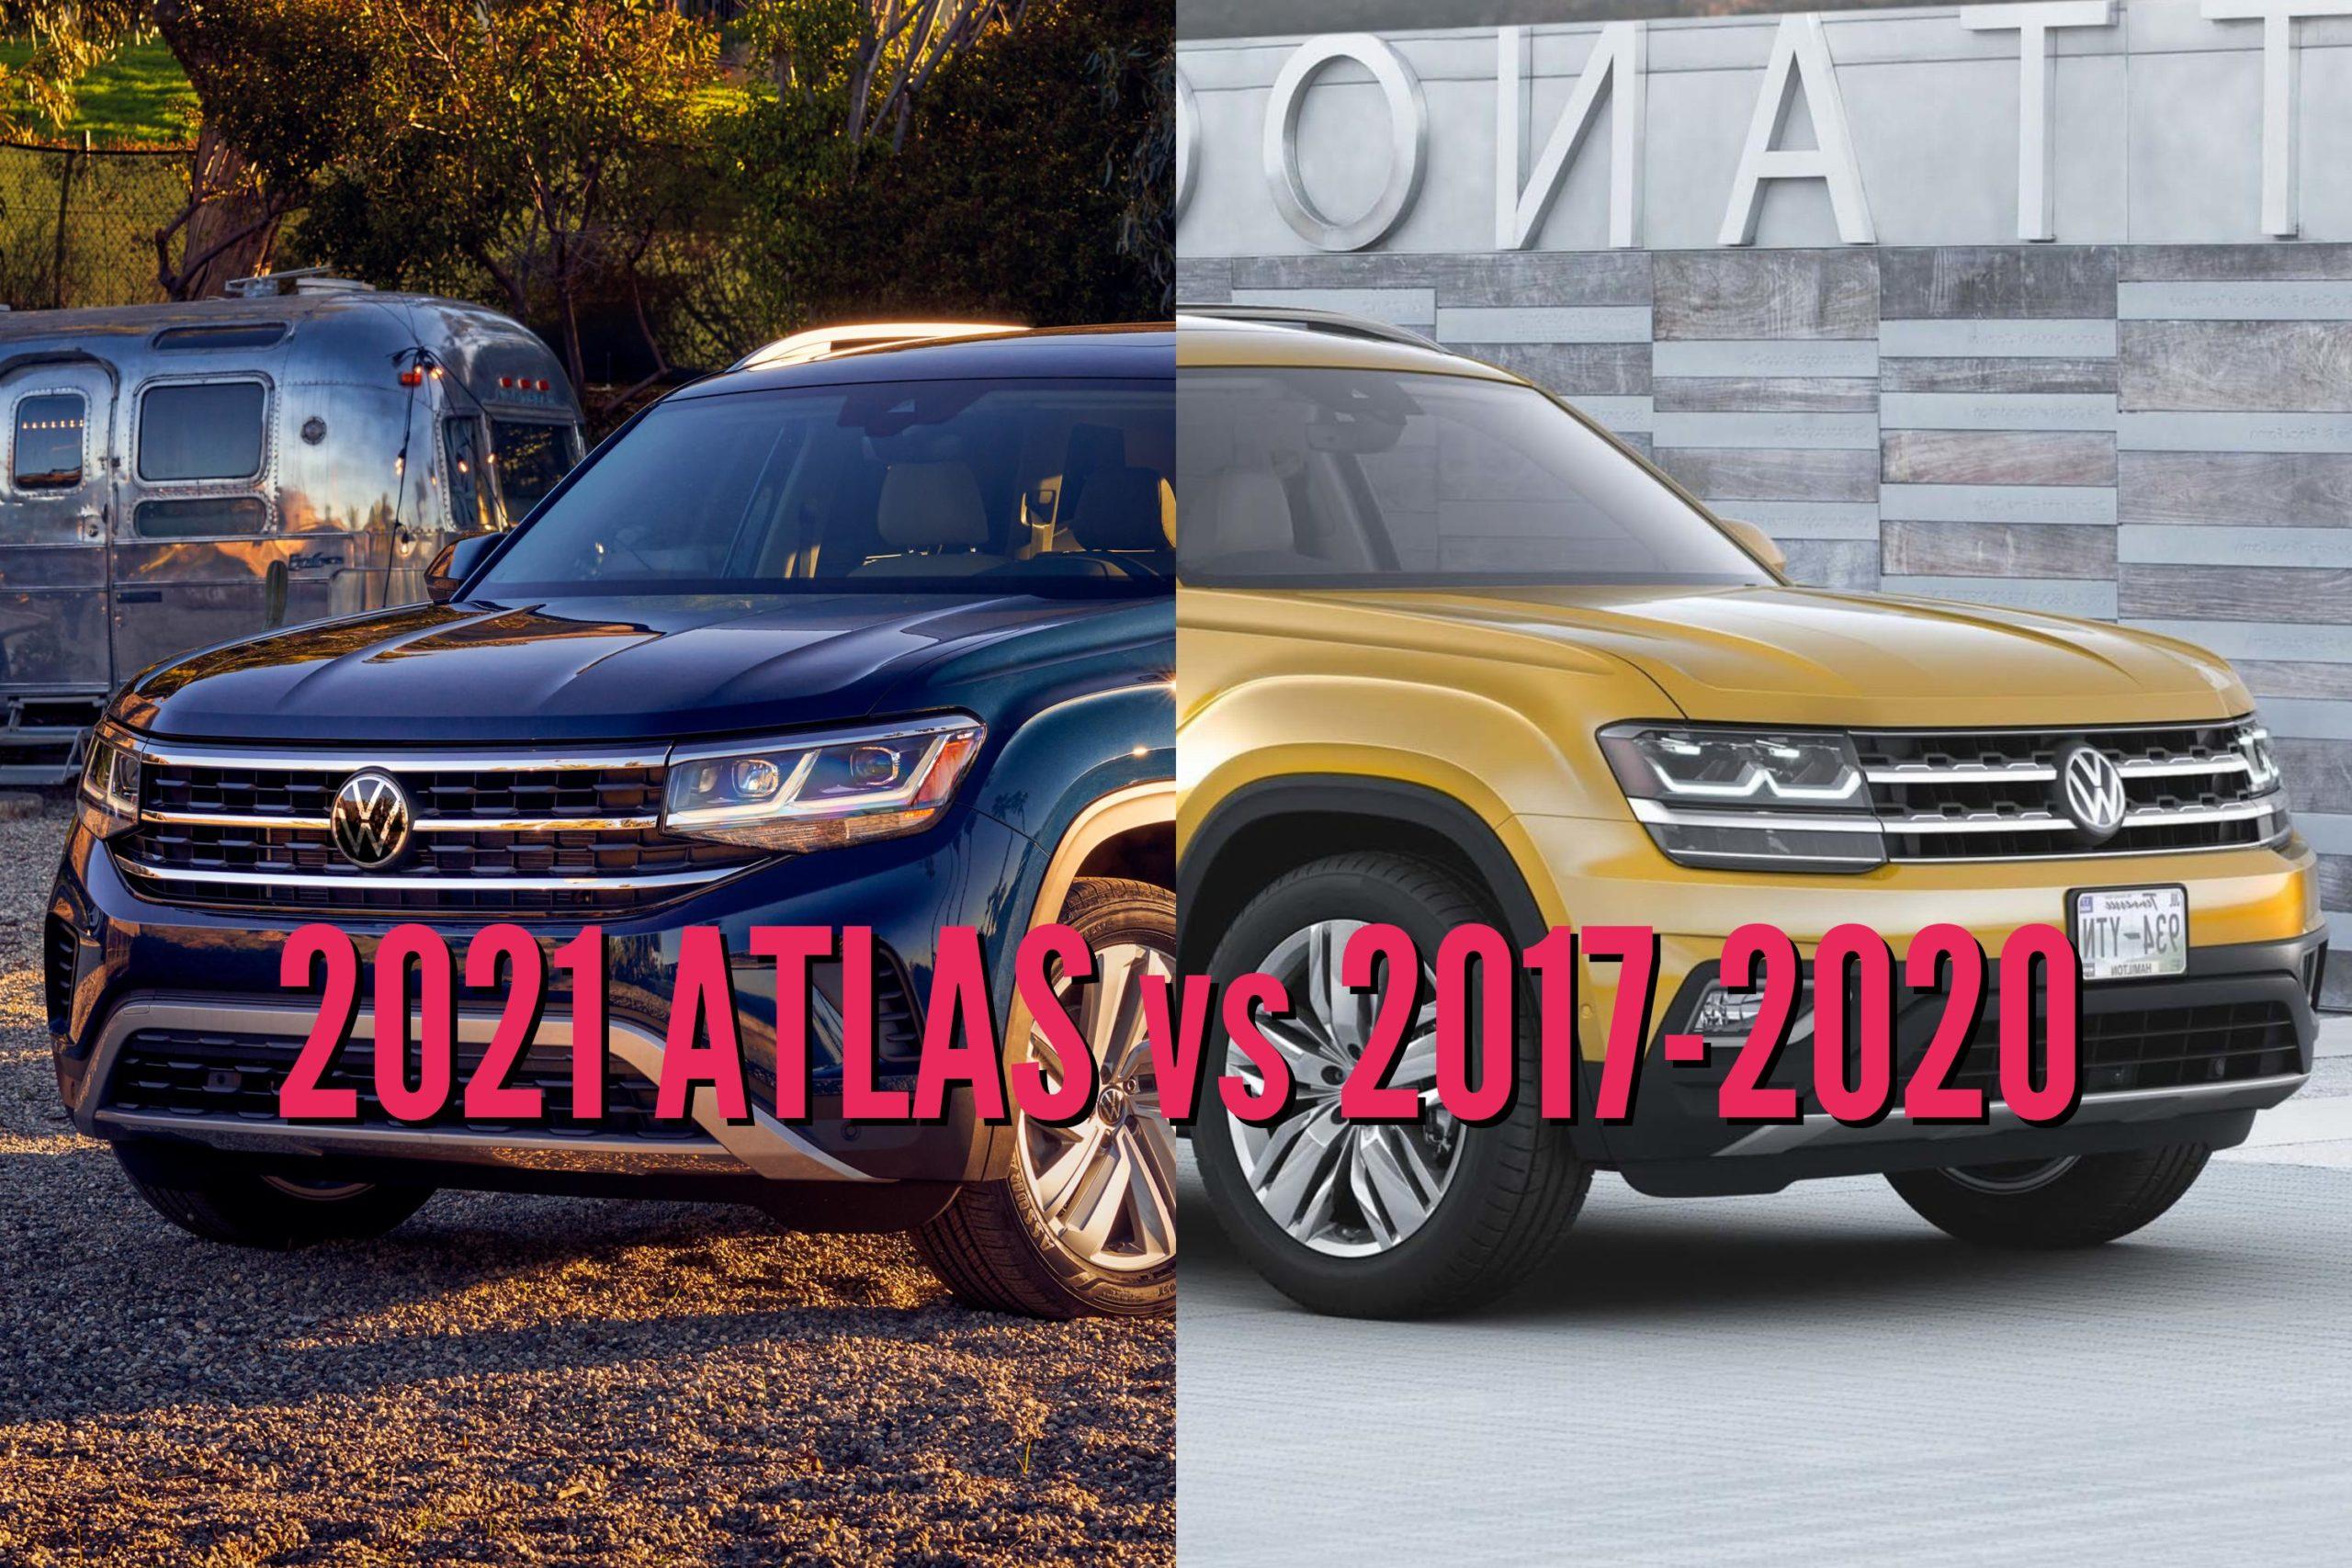 2021 Volkswagen Atlas vs 2017-2020: Facelift changes ...